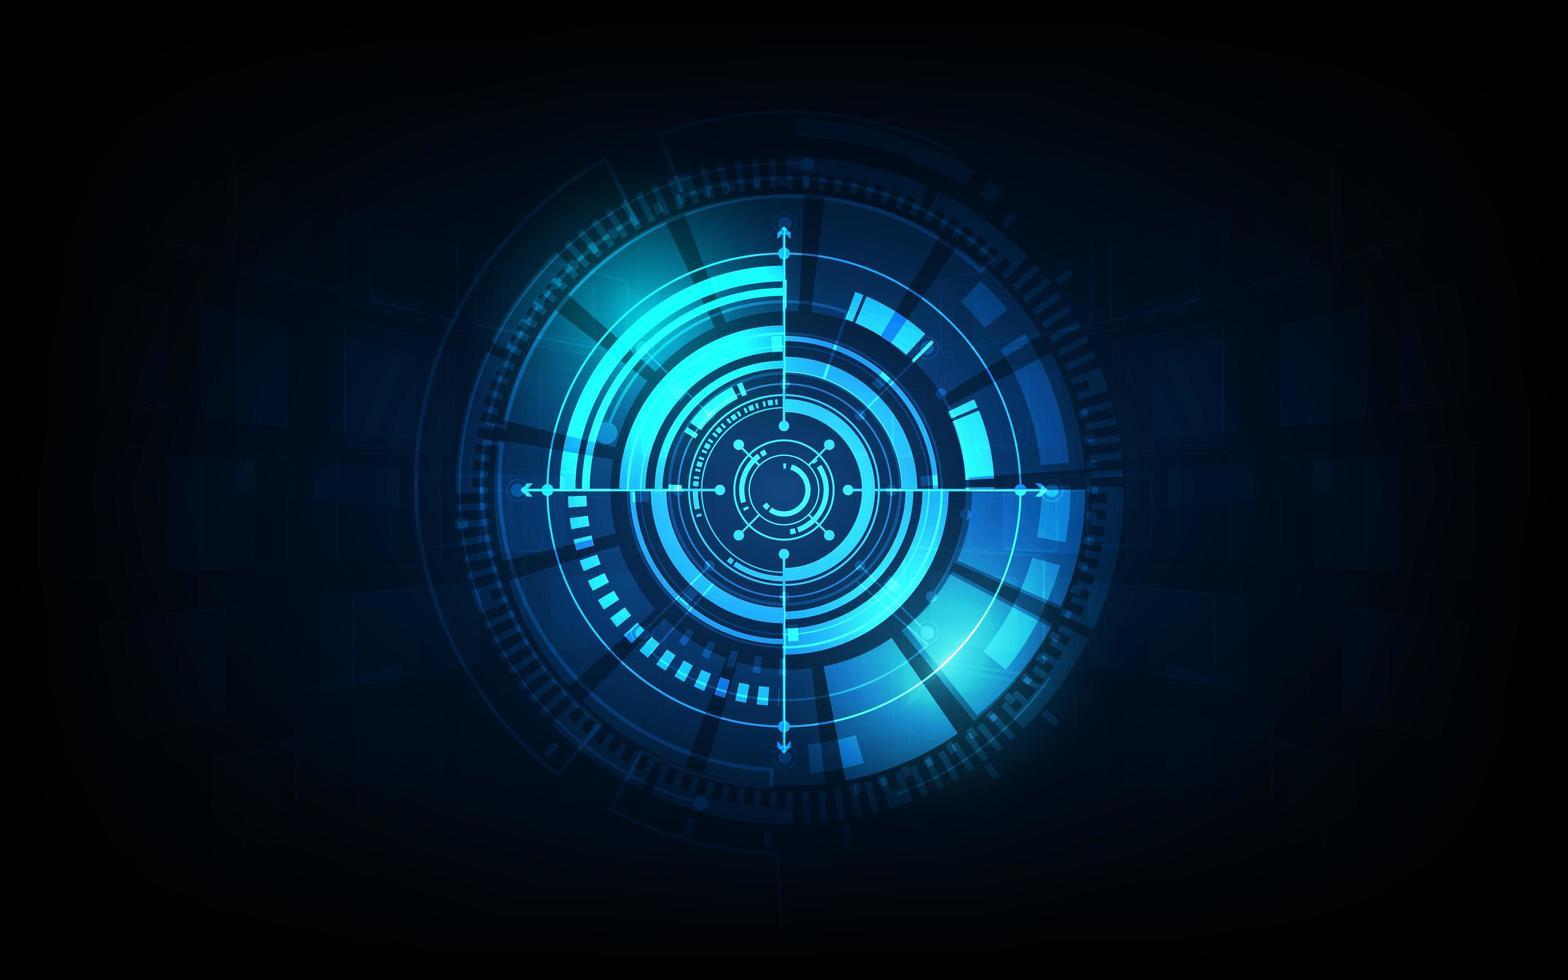 fond de concept futuriste de technologie de science-fiction vecteur